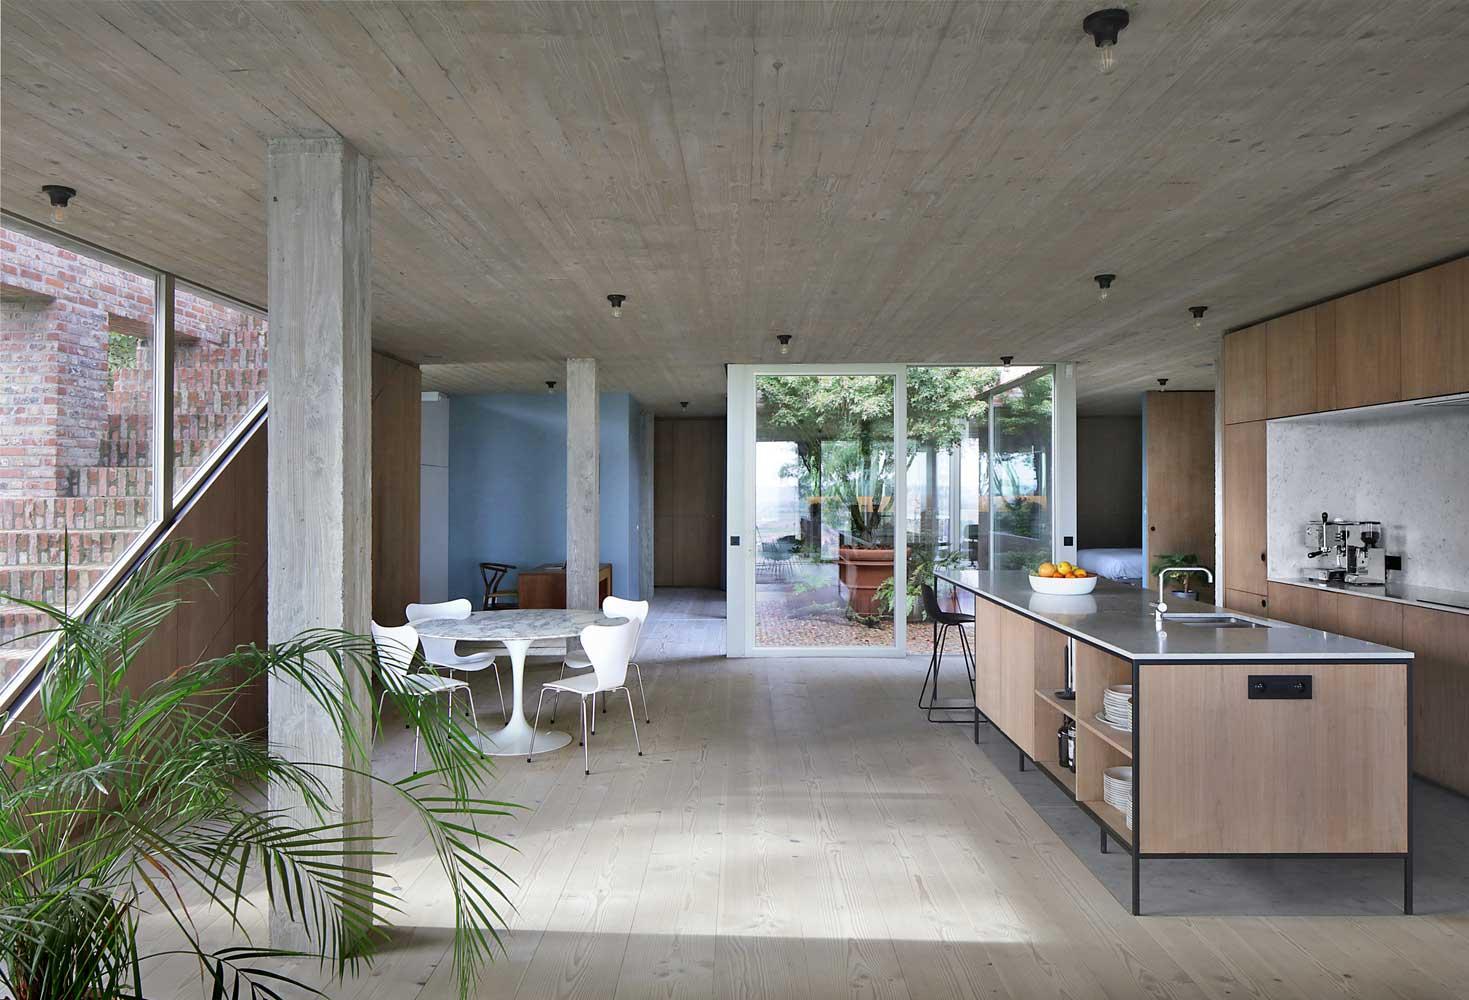 Hausdesign auf steilem Hang Foto, Design, Ideen, Plan, Layout, Fassade, Außen, Innen, Landschaft, Innenhof, Dekoration, Verkleidung